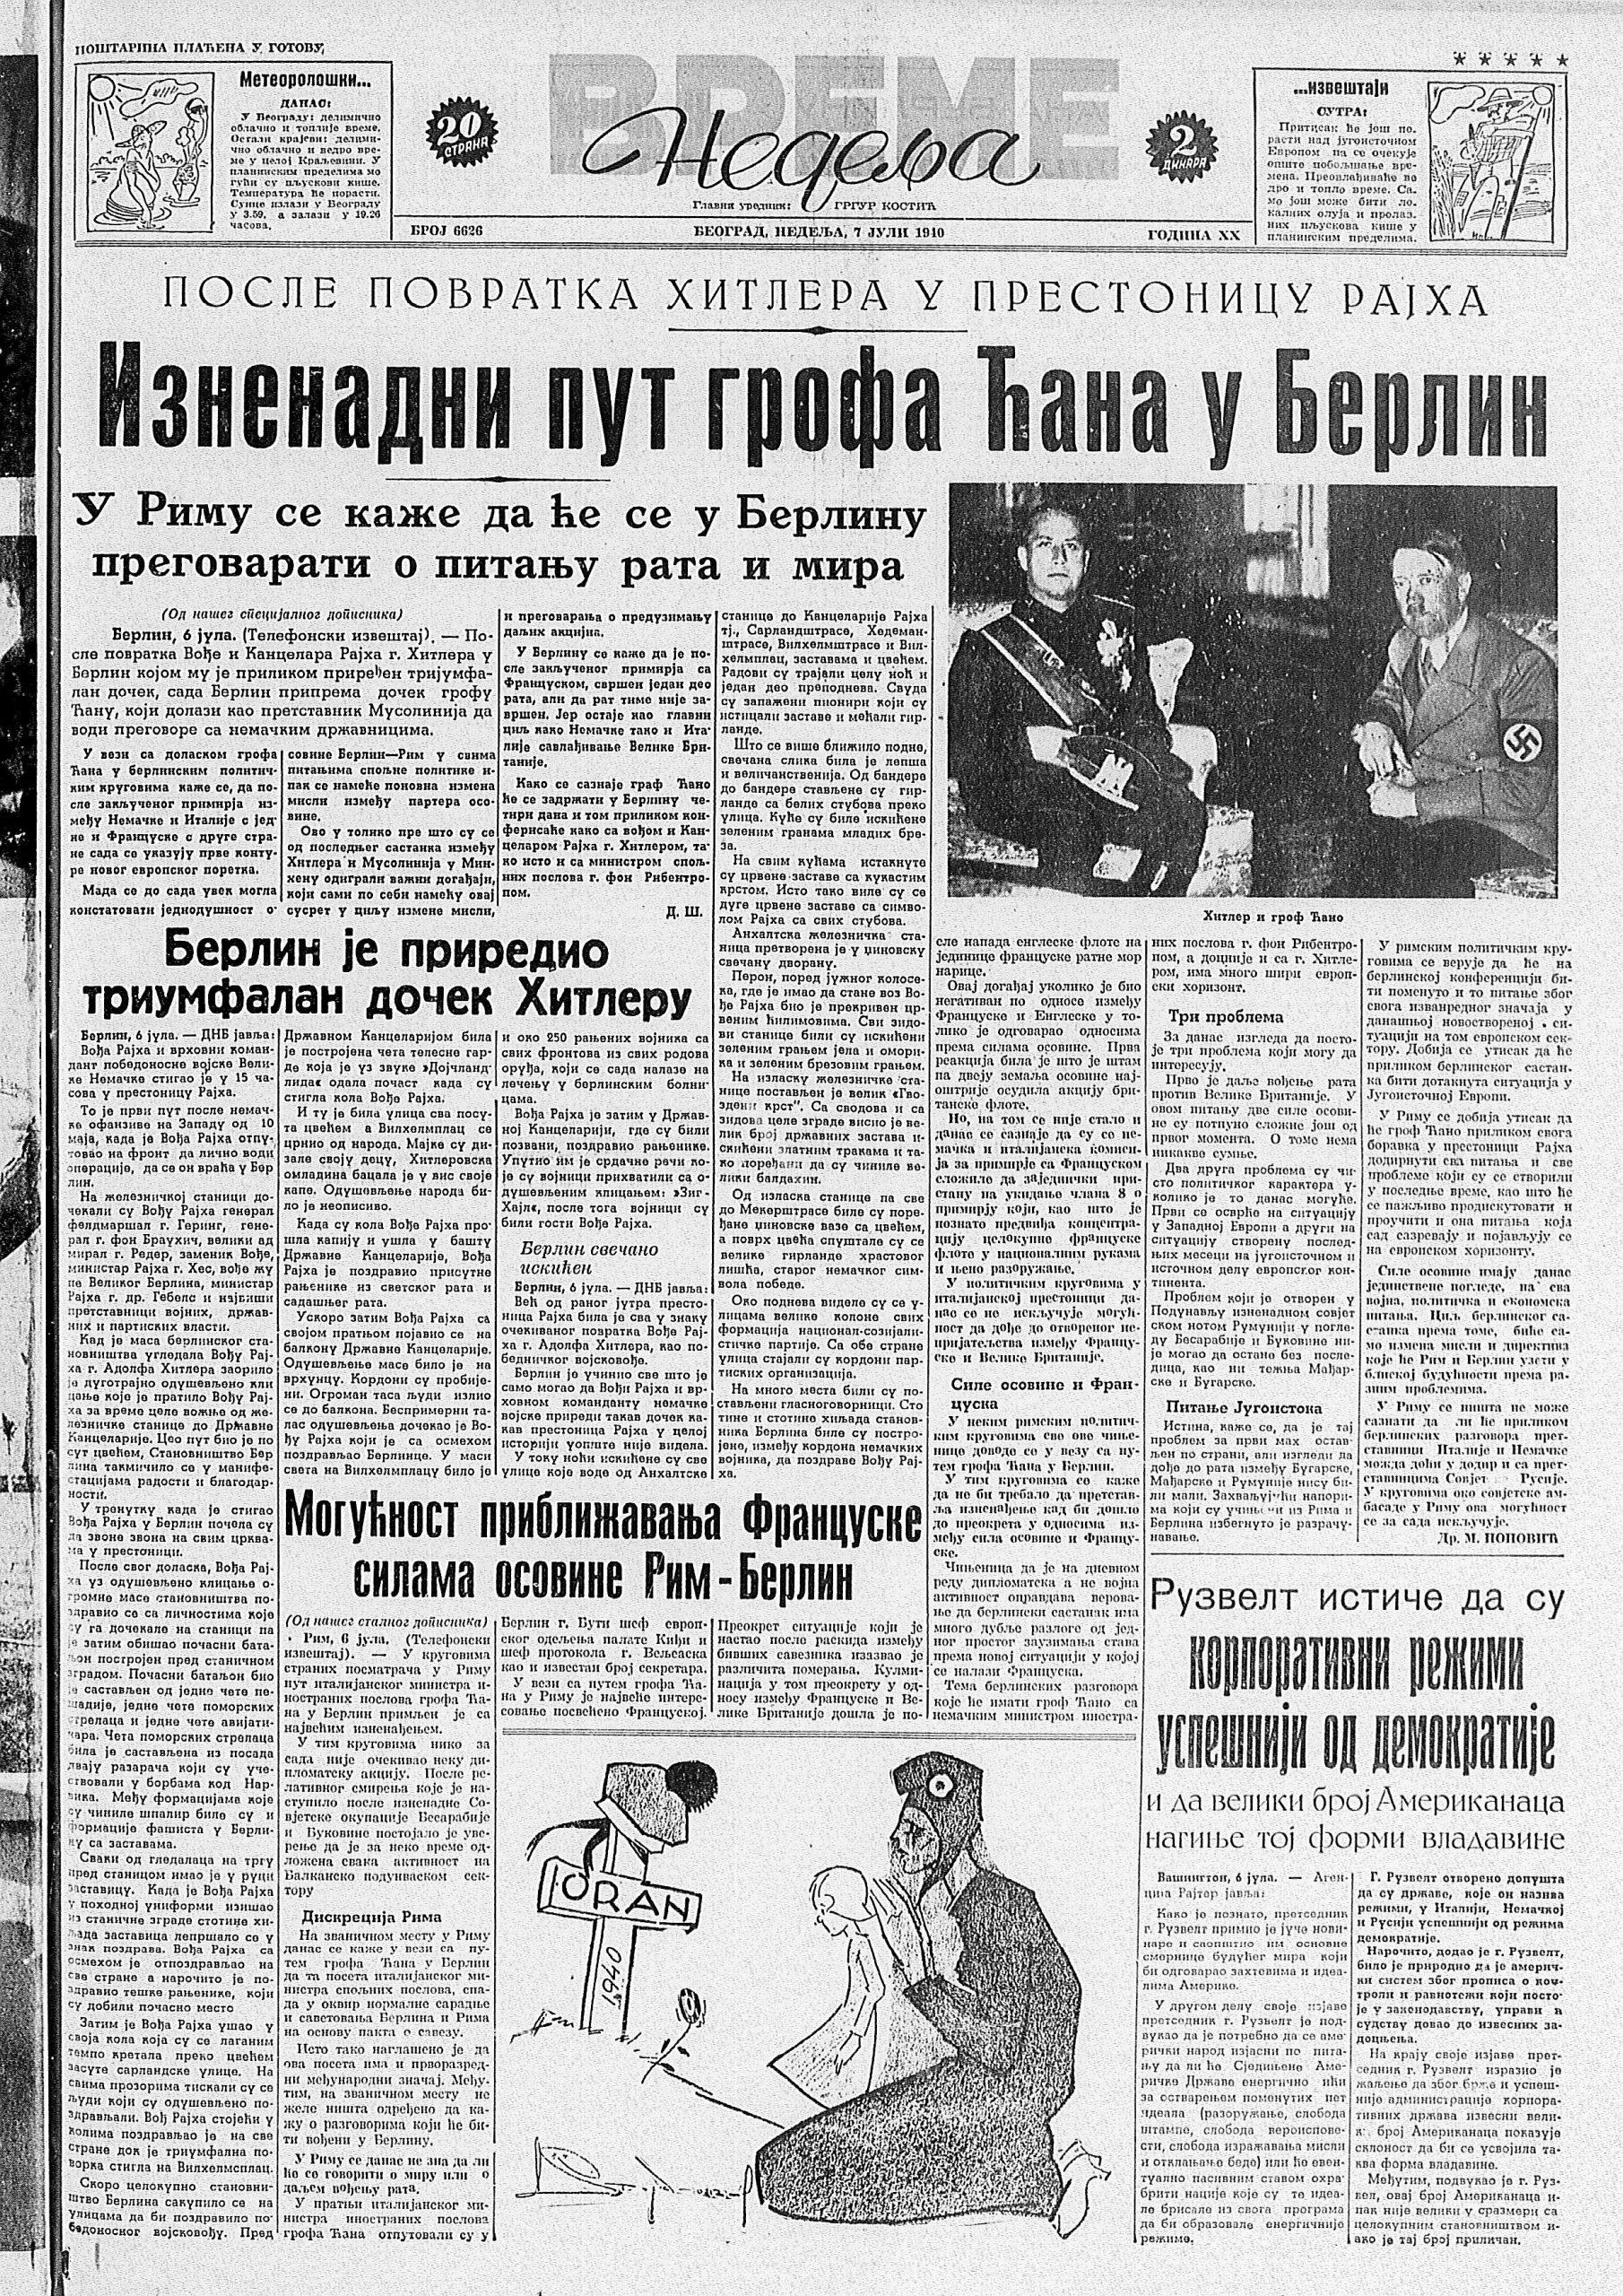 Cveta tržište nekretnina u Beogradu 3